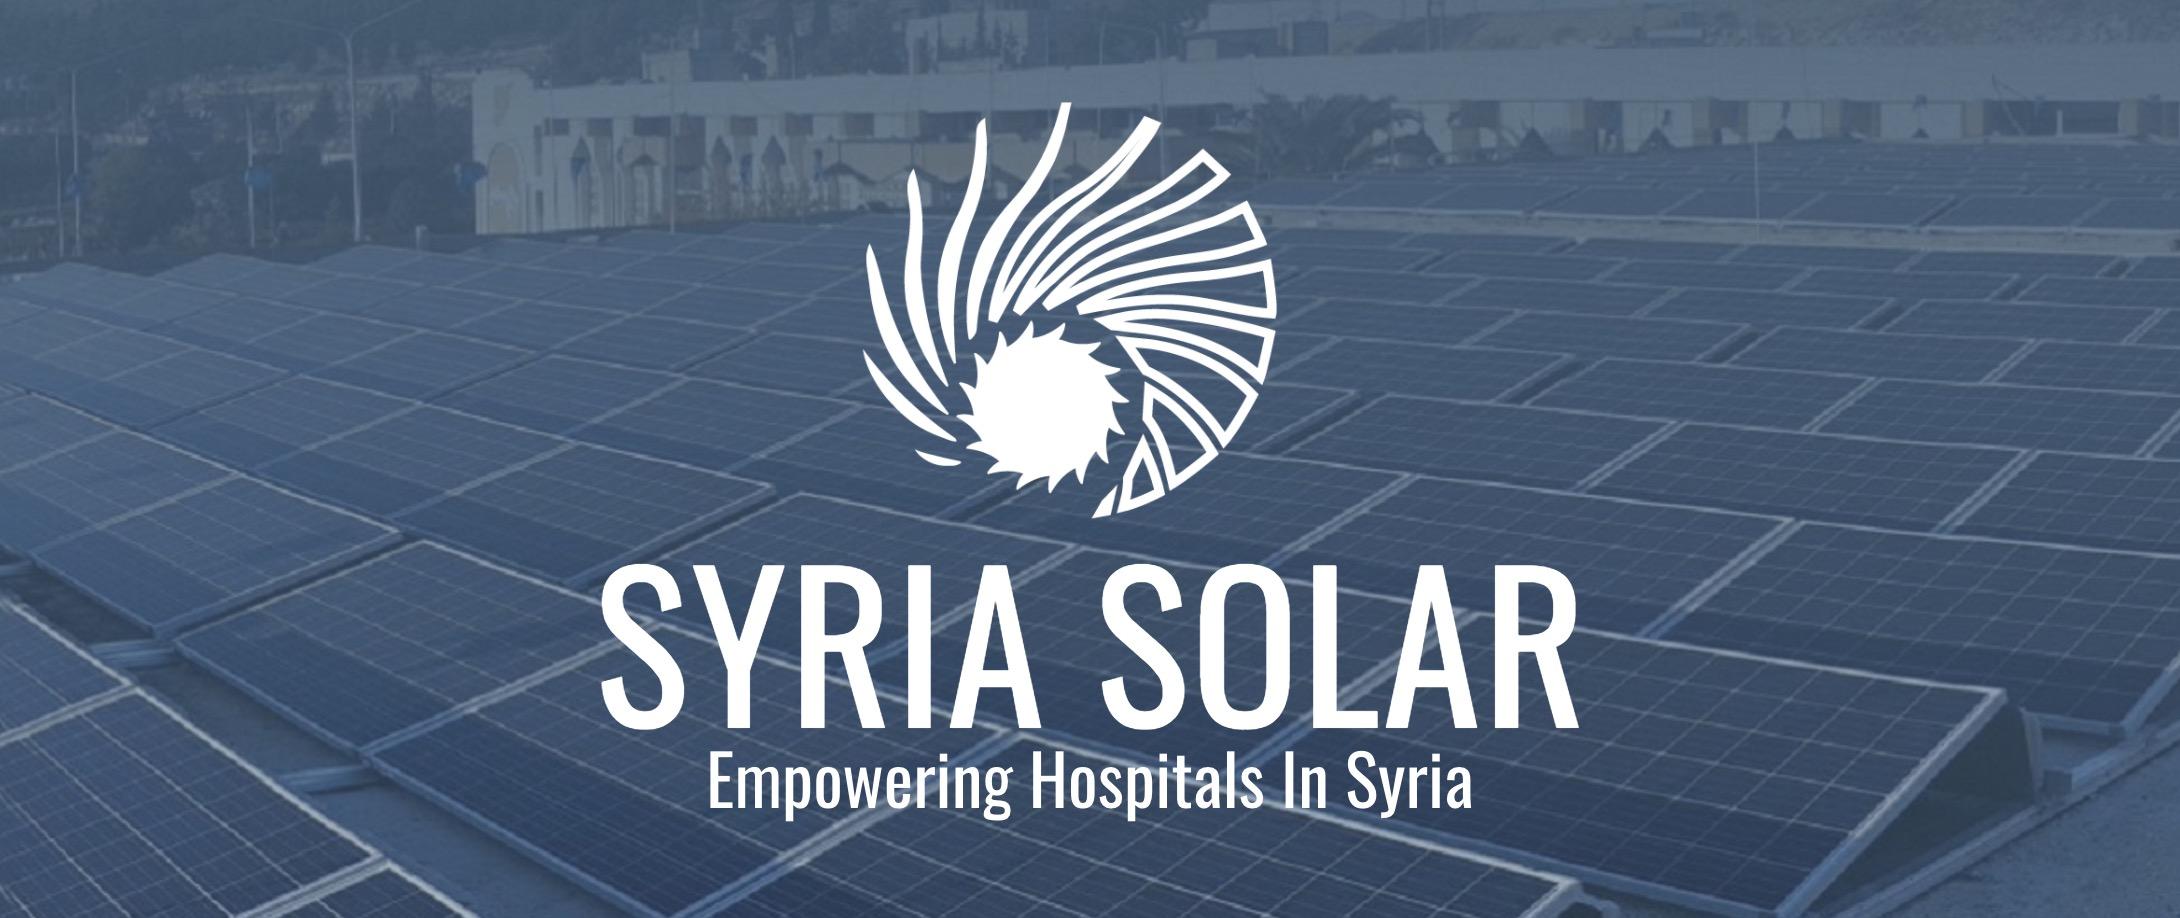 syria_solar_image_de_une.jpg